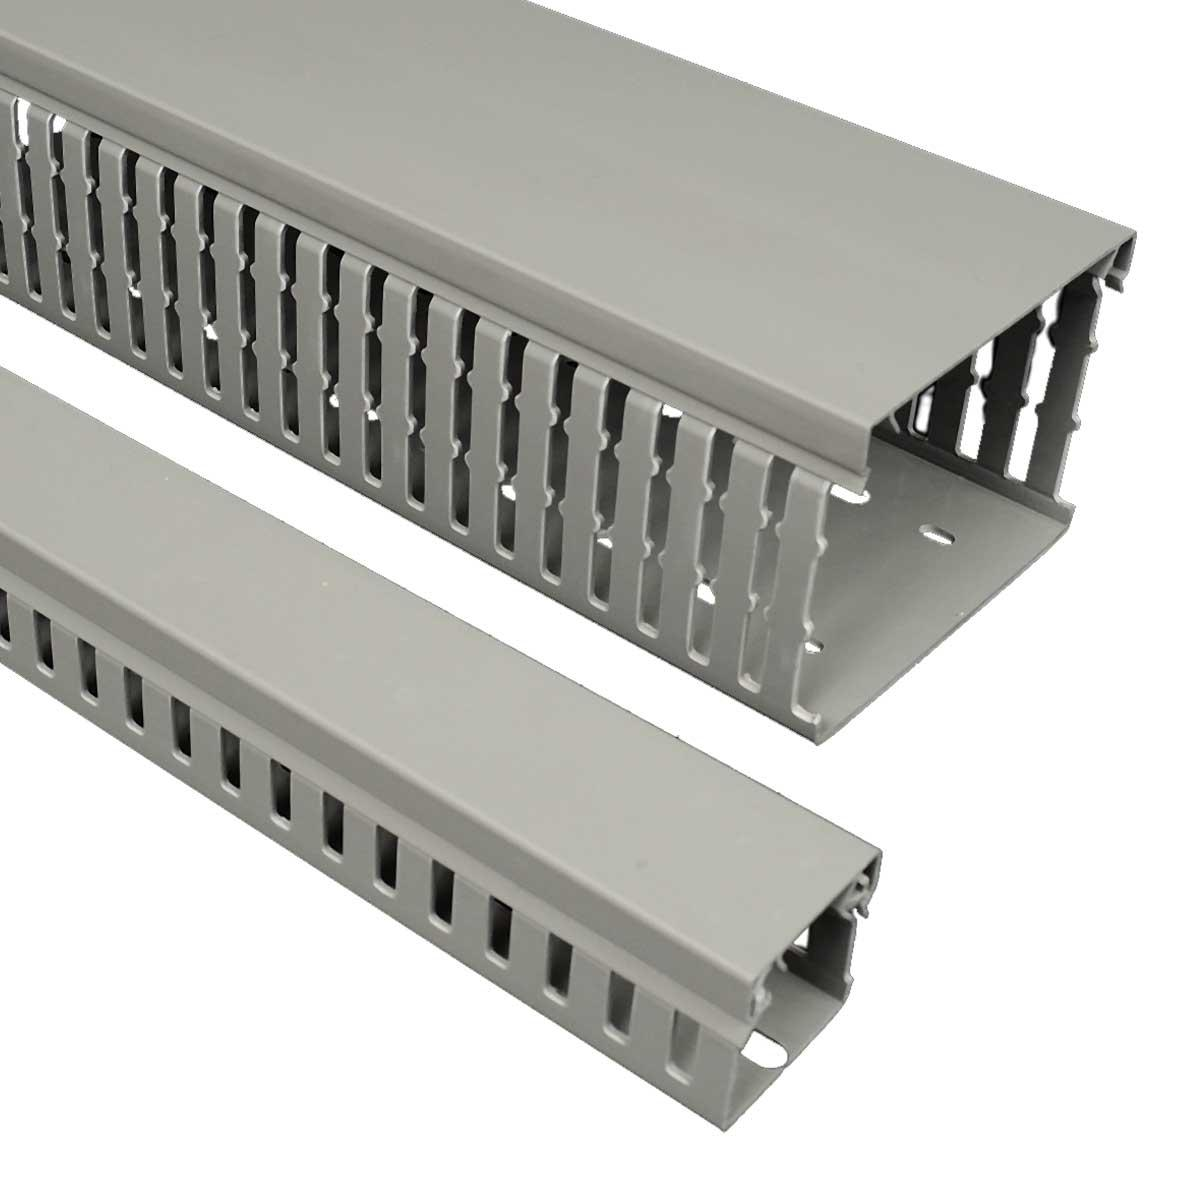 Кабельний канал перфорований DIN  50х75мм; довжина 2м.ш.ребра-7,5мм;між ребрами- 5мм;  ПВХ; сірий